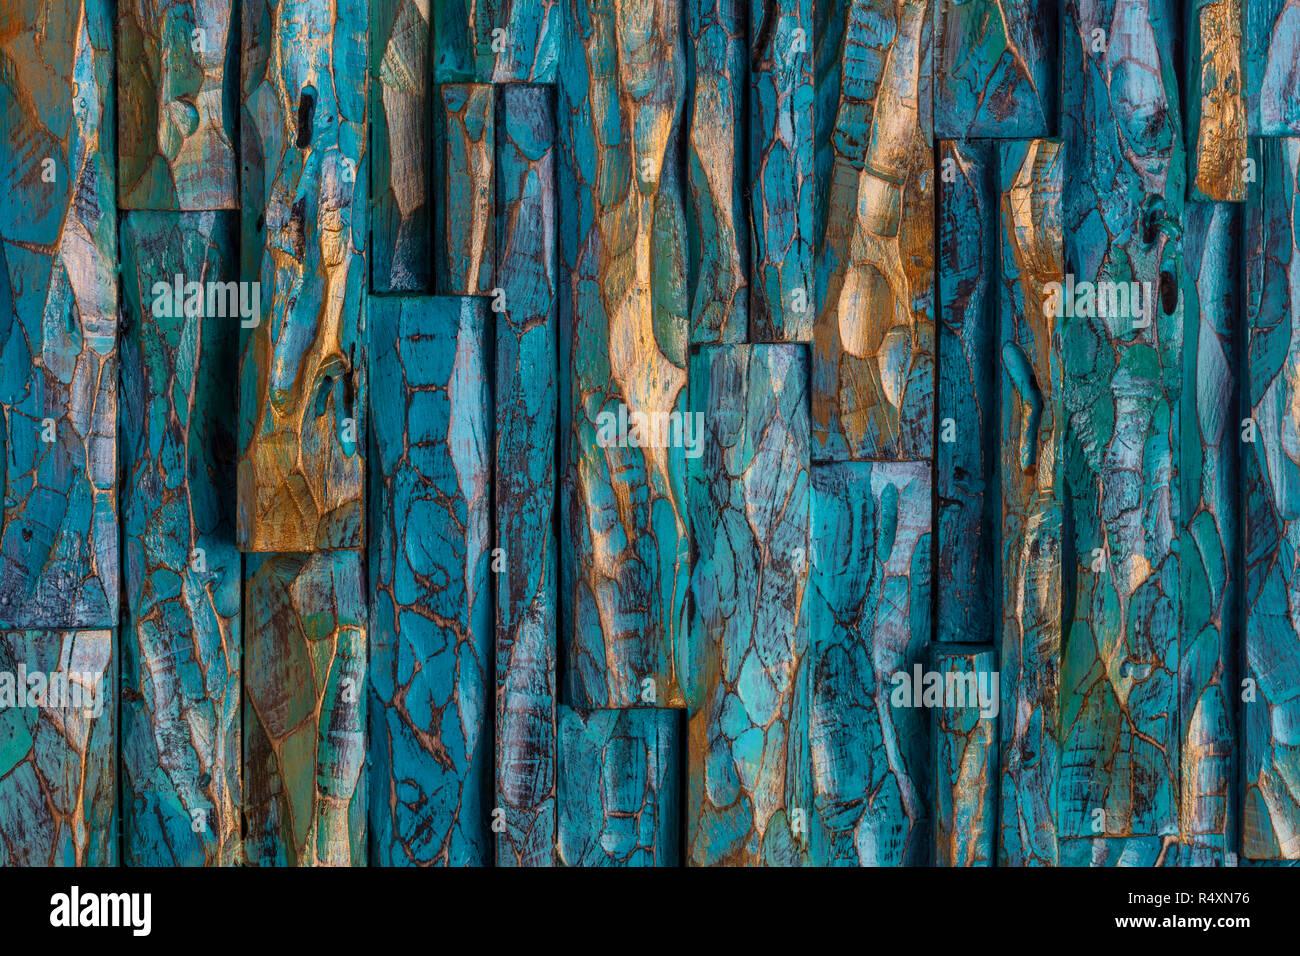 Golden Und Blau Schnitzen Holz Malen Handgefertigte Stockfoto Bild